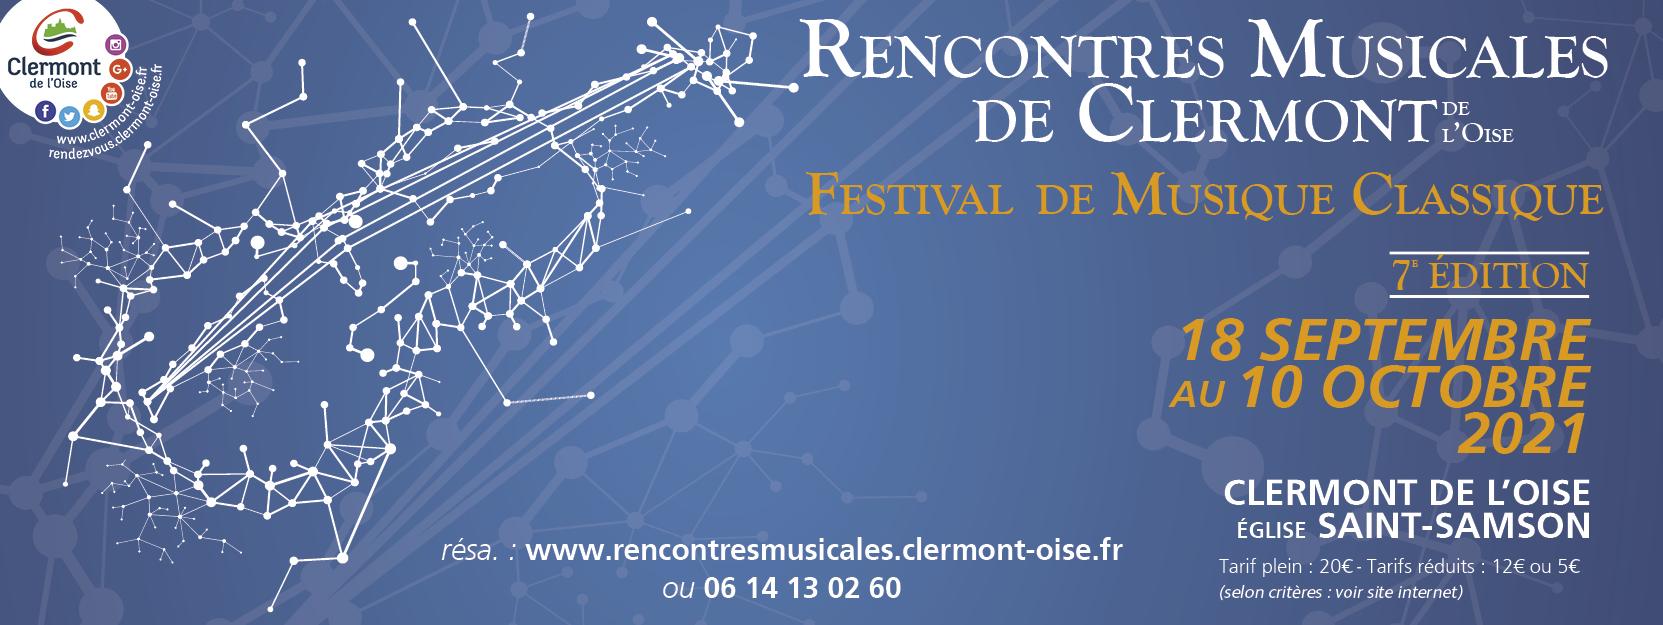 Rencontres Musicales de Clermont de l'Oise